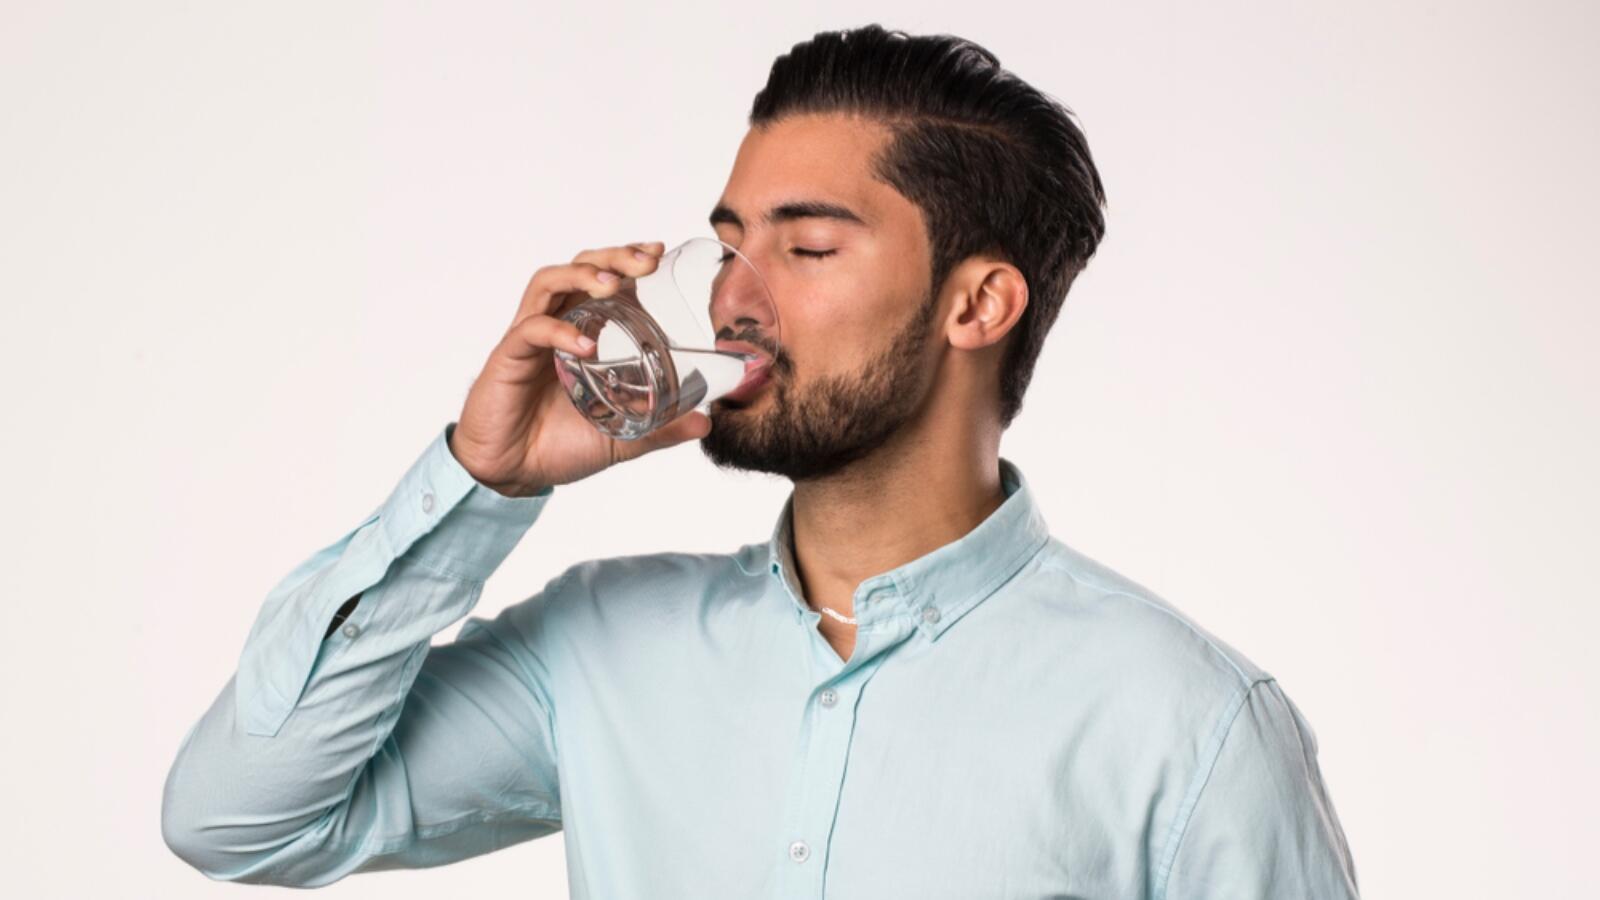 8 فوائد لشرب الماء على الريق